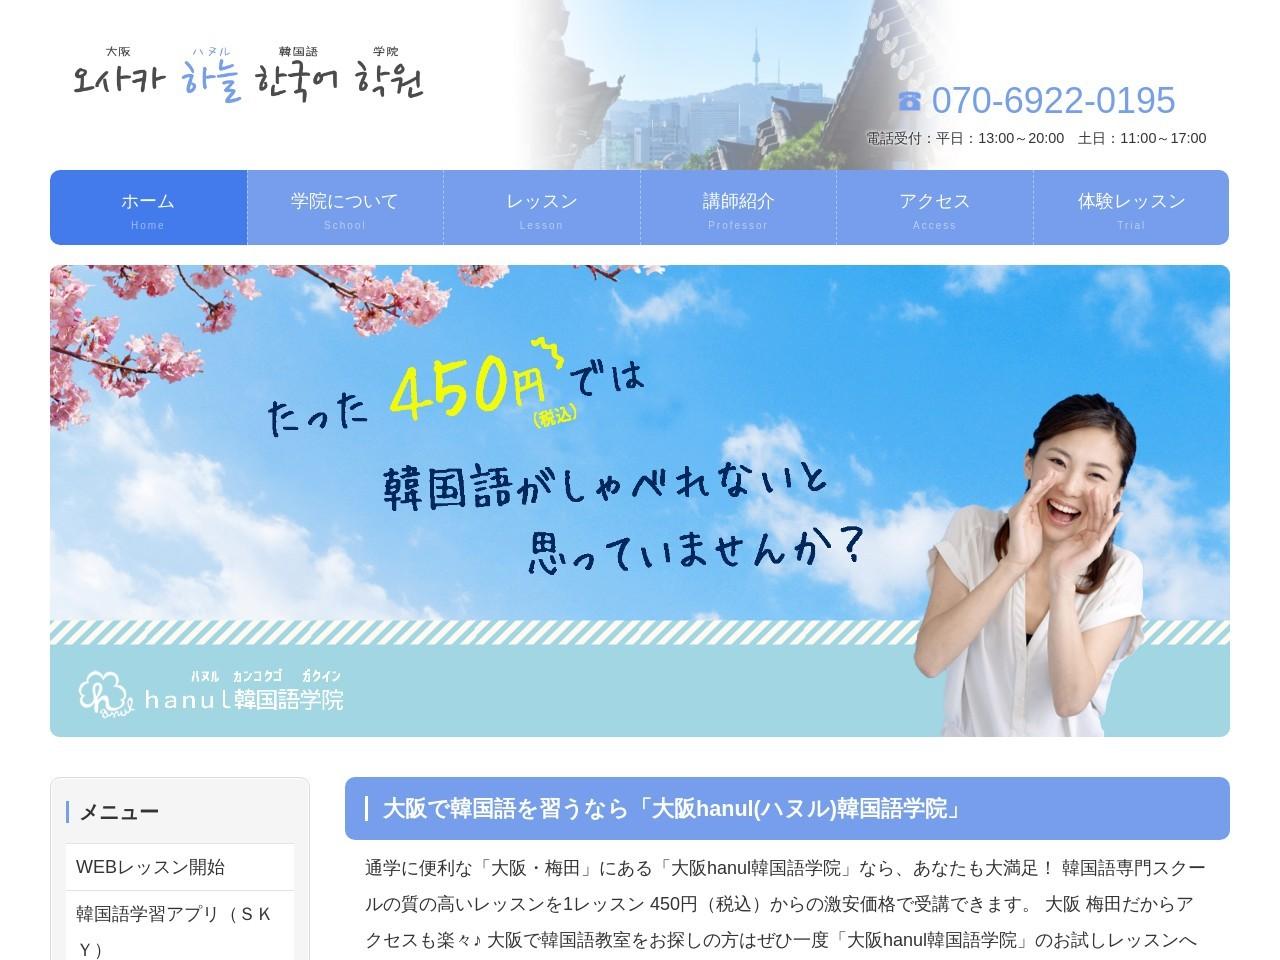 大阪ハヌル韓国語学院